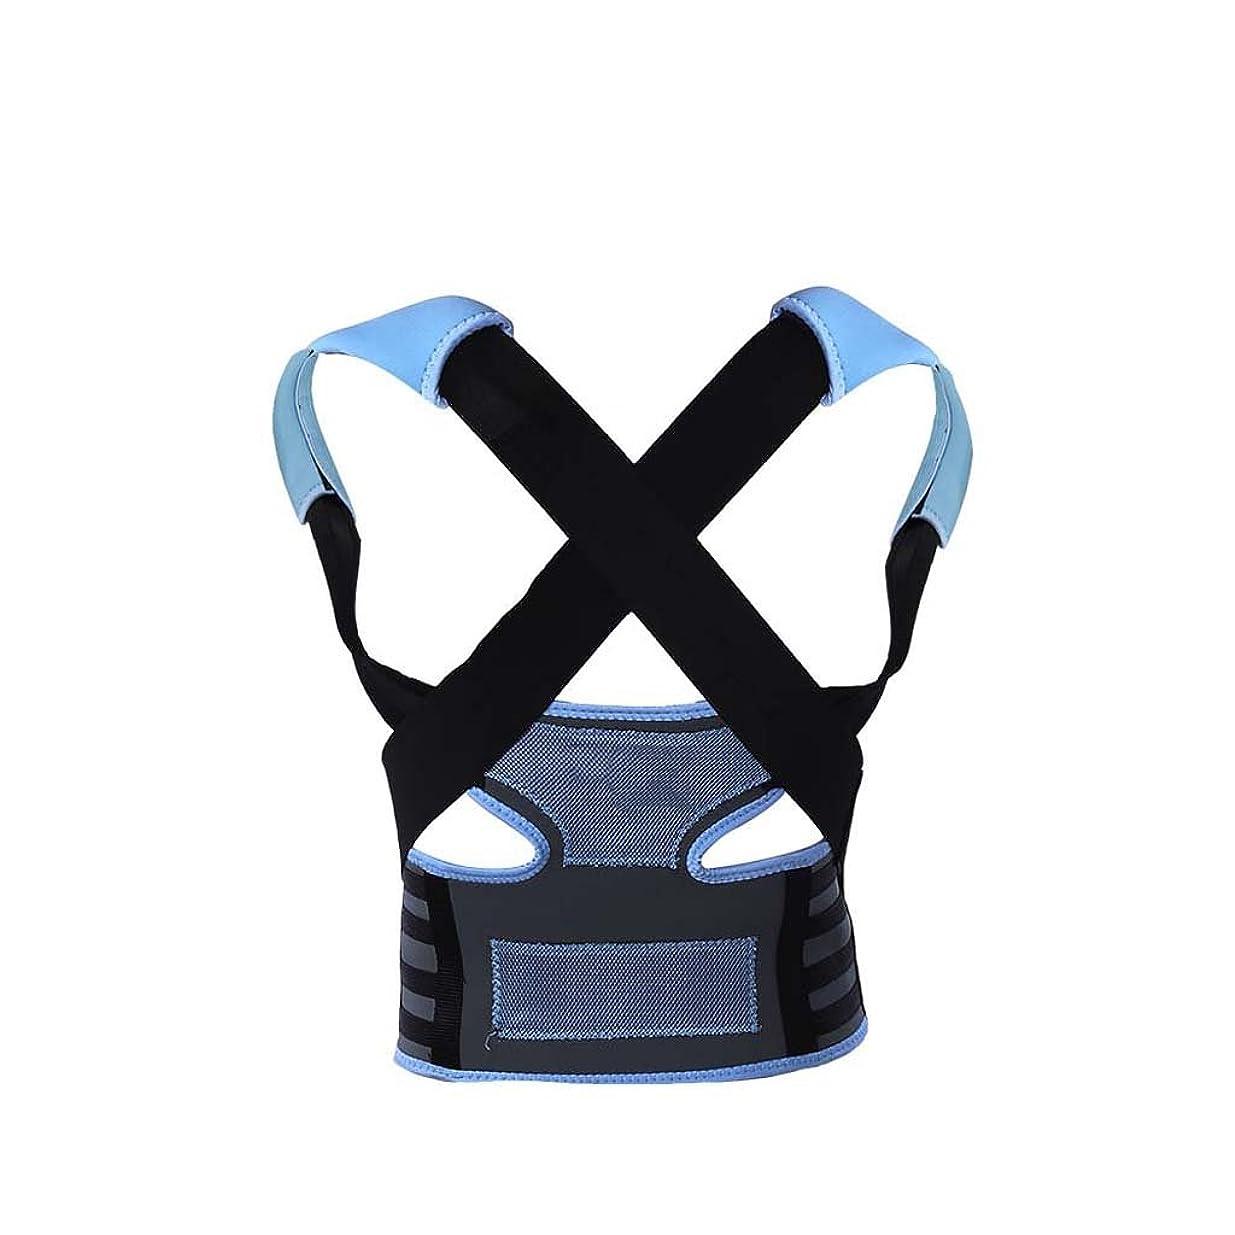 悪意のあるポール贅沢肩矯正腰矯正装具背中矯正サポート脊髄矯正男性と女性の背中修正テープ